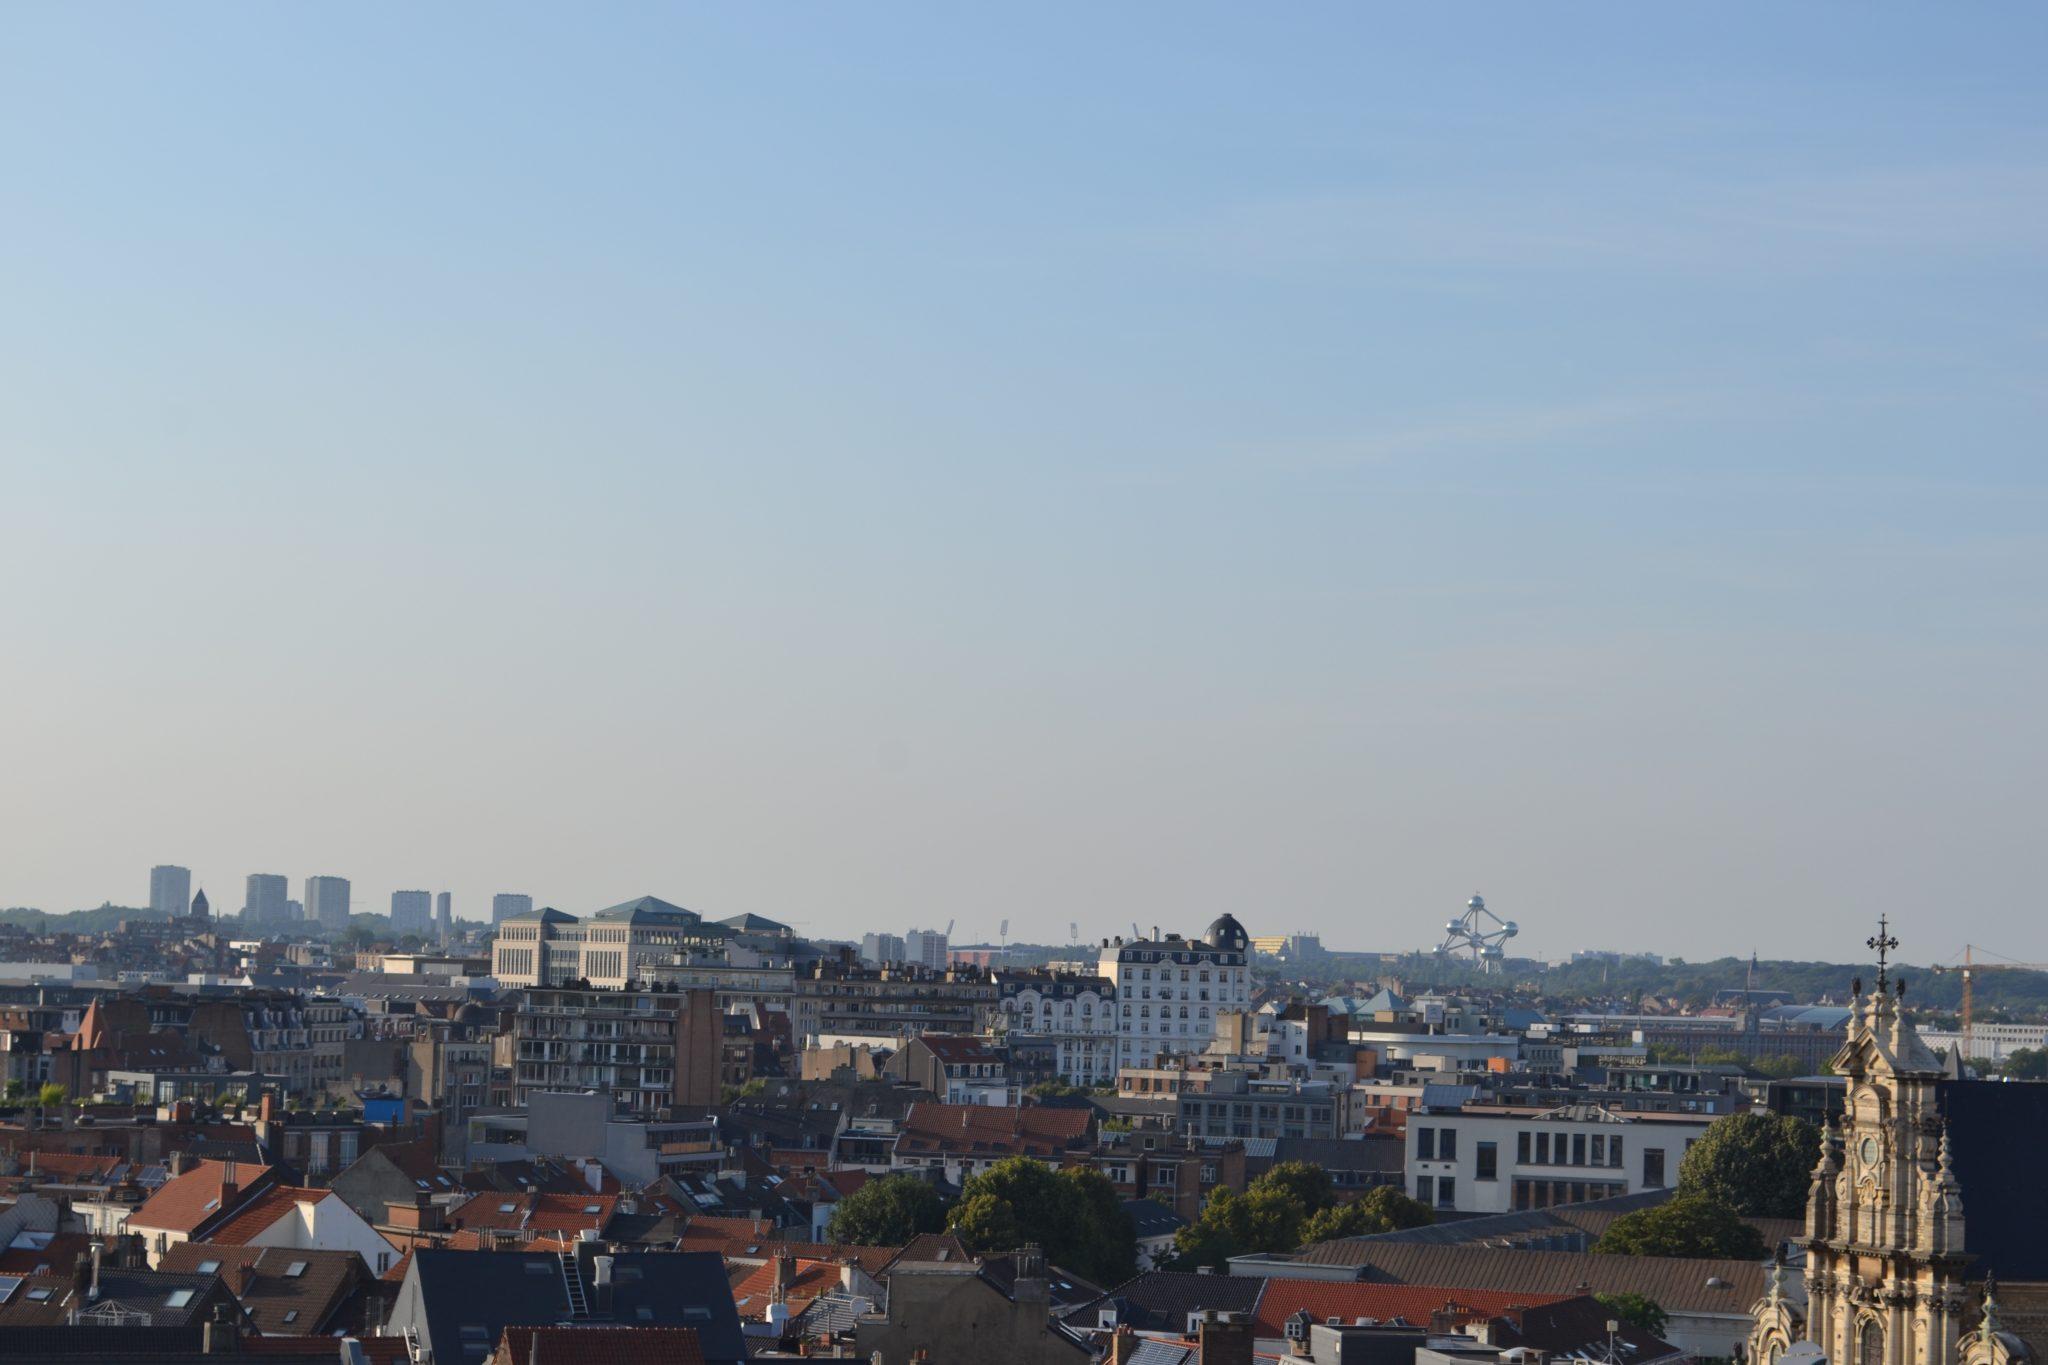 Travel Tip: Parking 58 | Brussels - dsc 0001